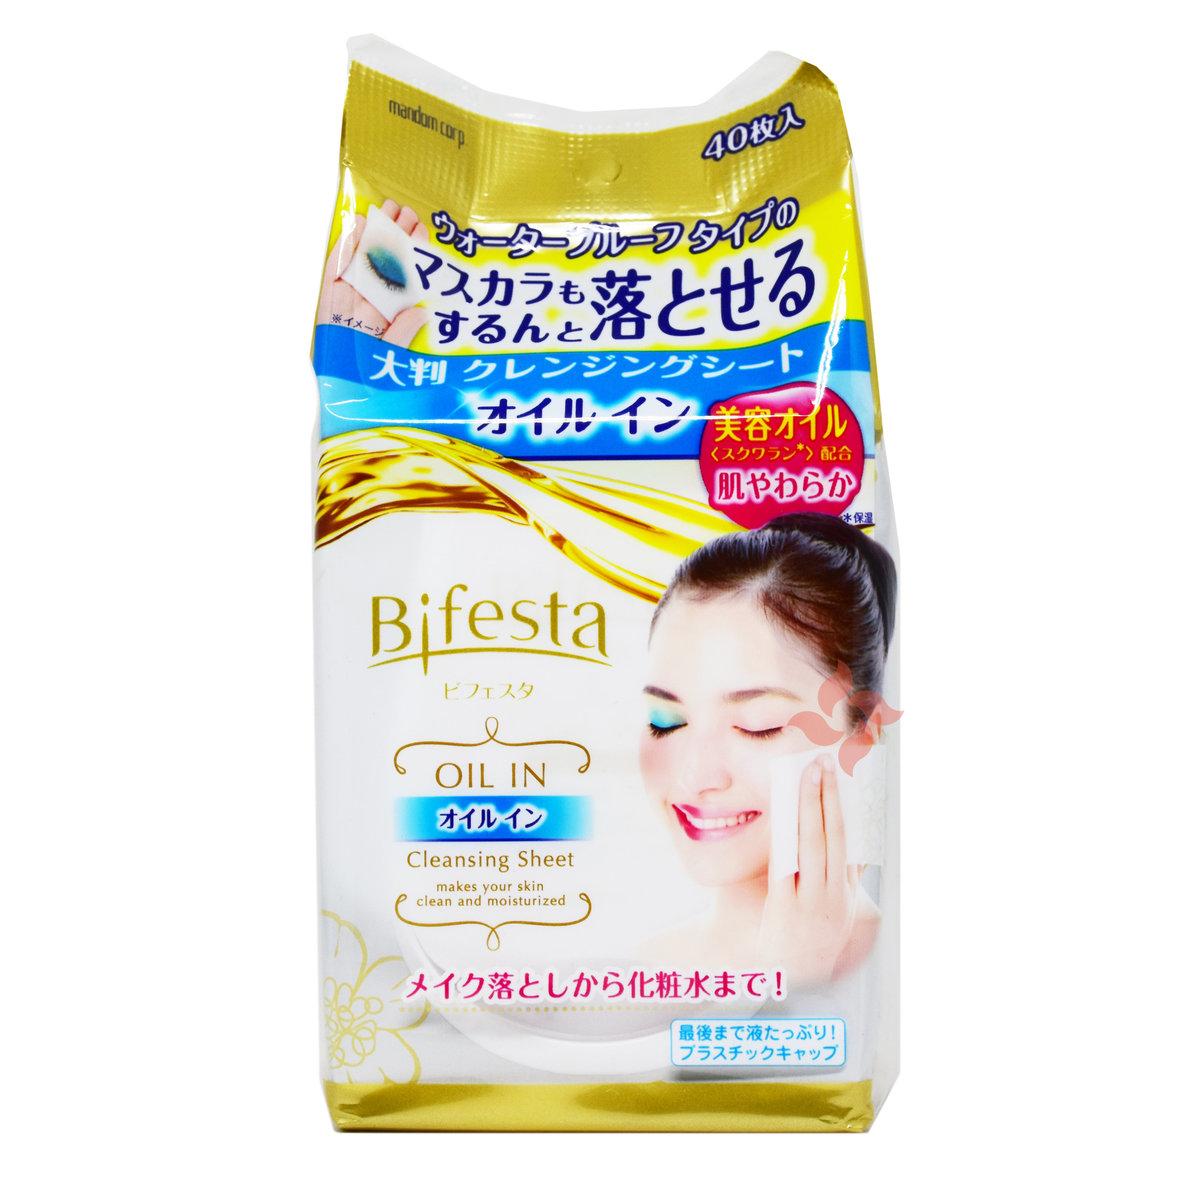 Bifesta cleasing sheet x40pcs (4902806484960)